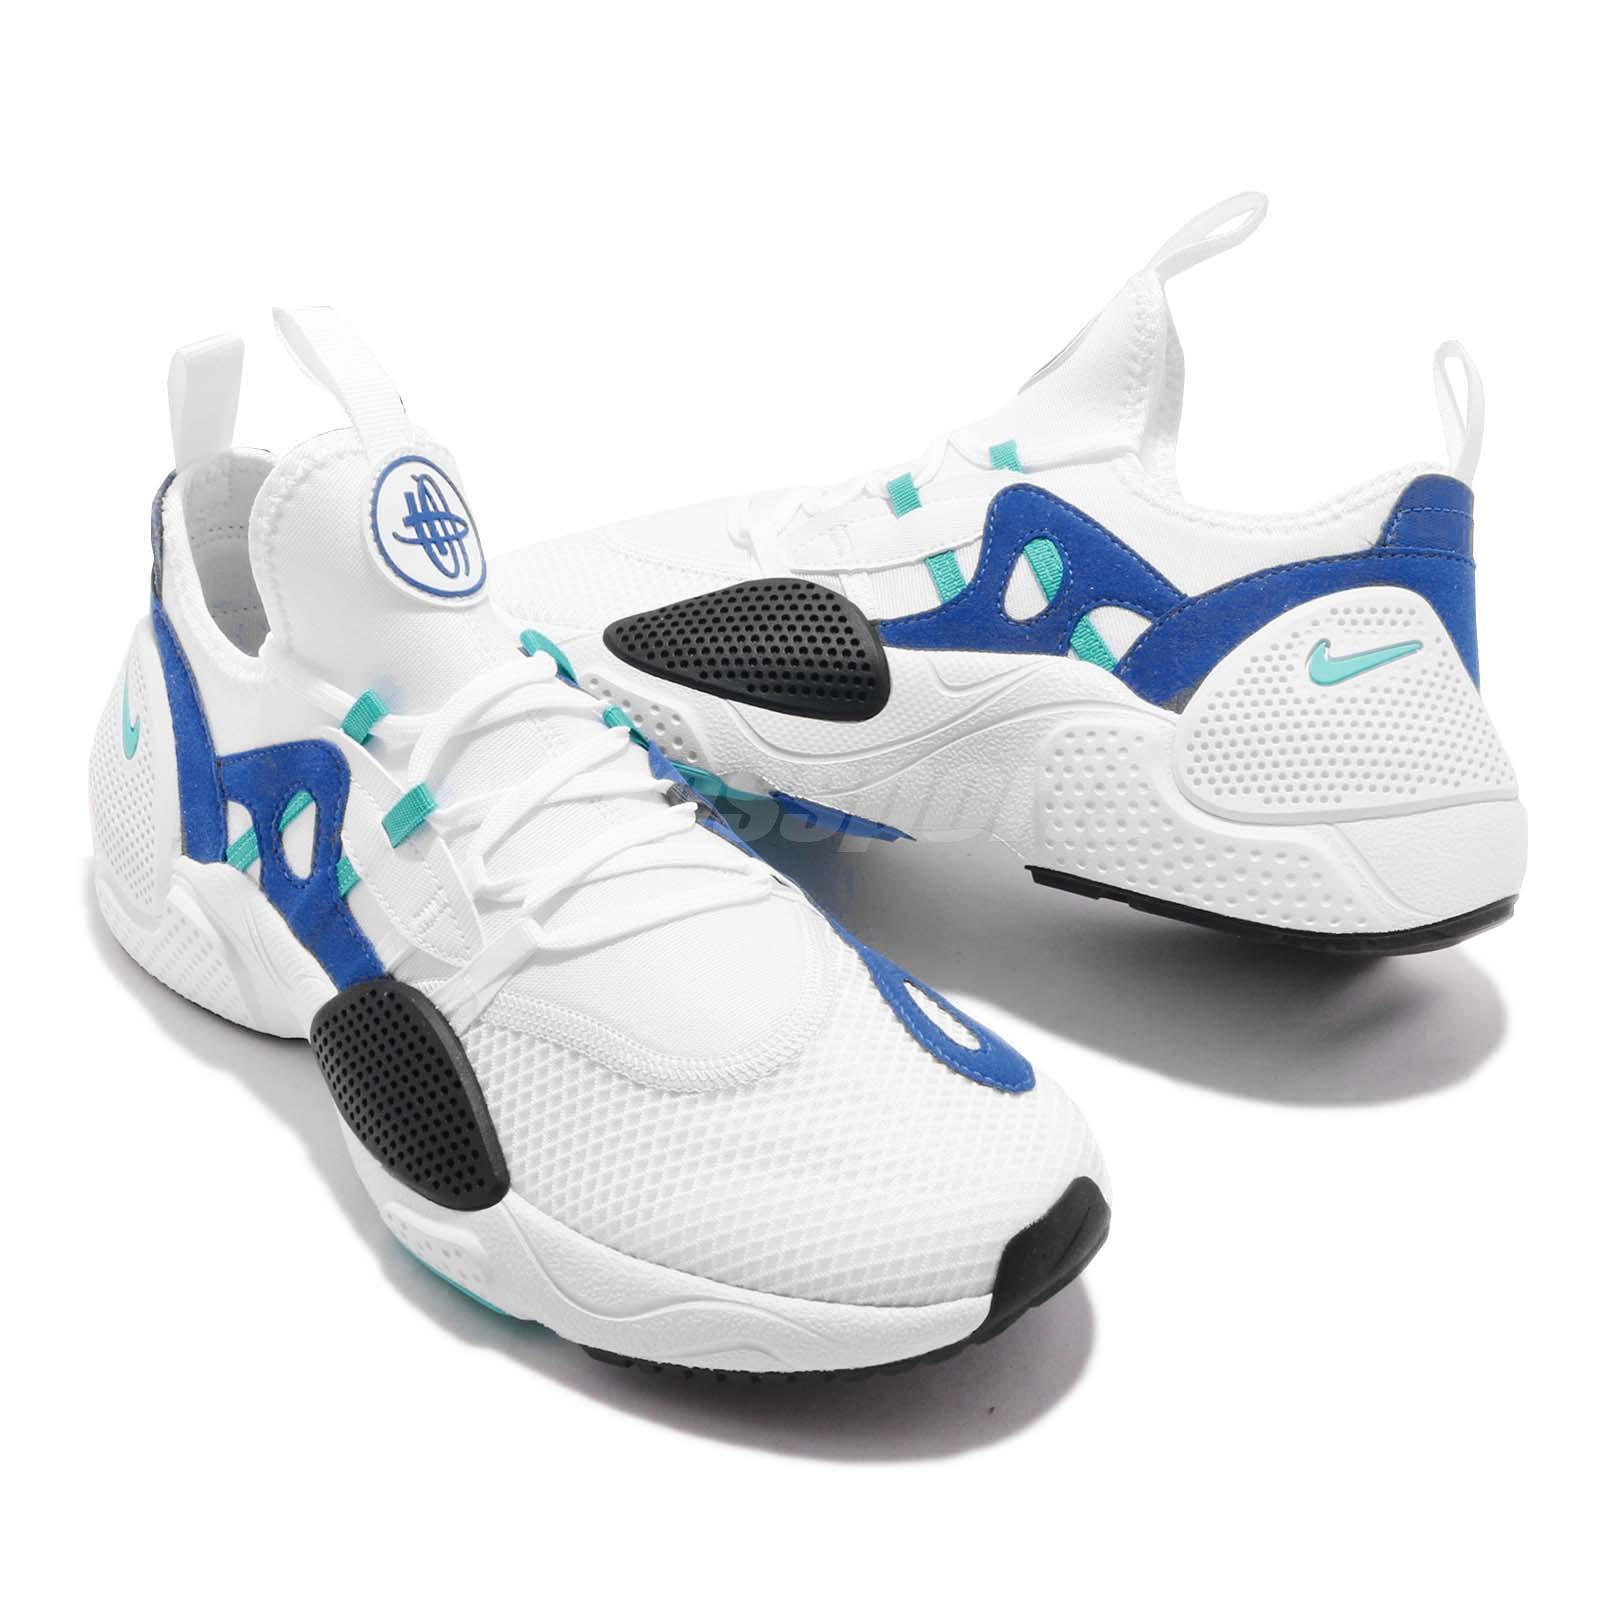 bf464507d4c2 Nike Huarache E.D.G.E. TXT White Blue Black Men Running Shoes ...